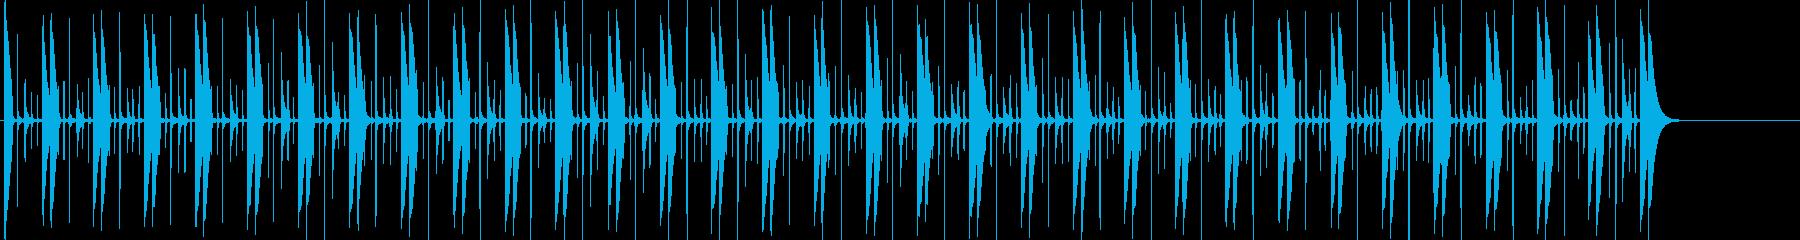 スイングコンガのビートの再生済みの波形